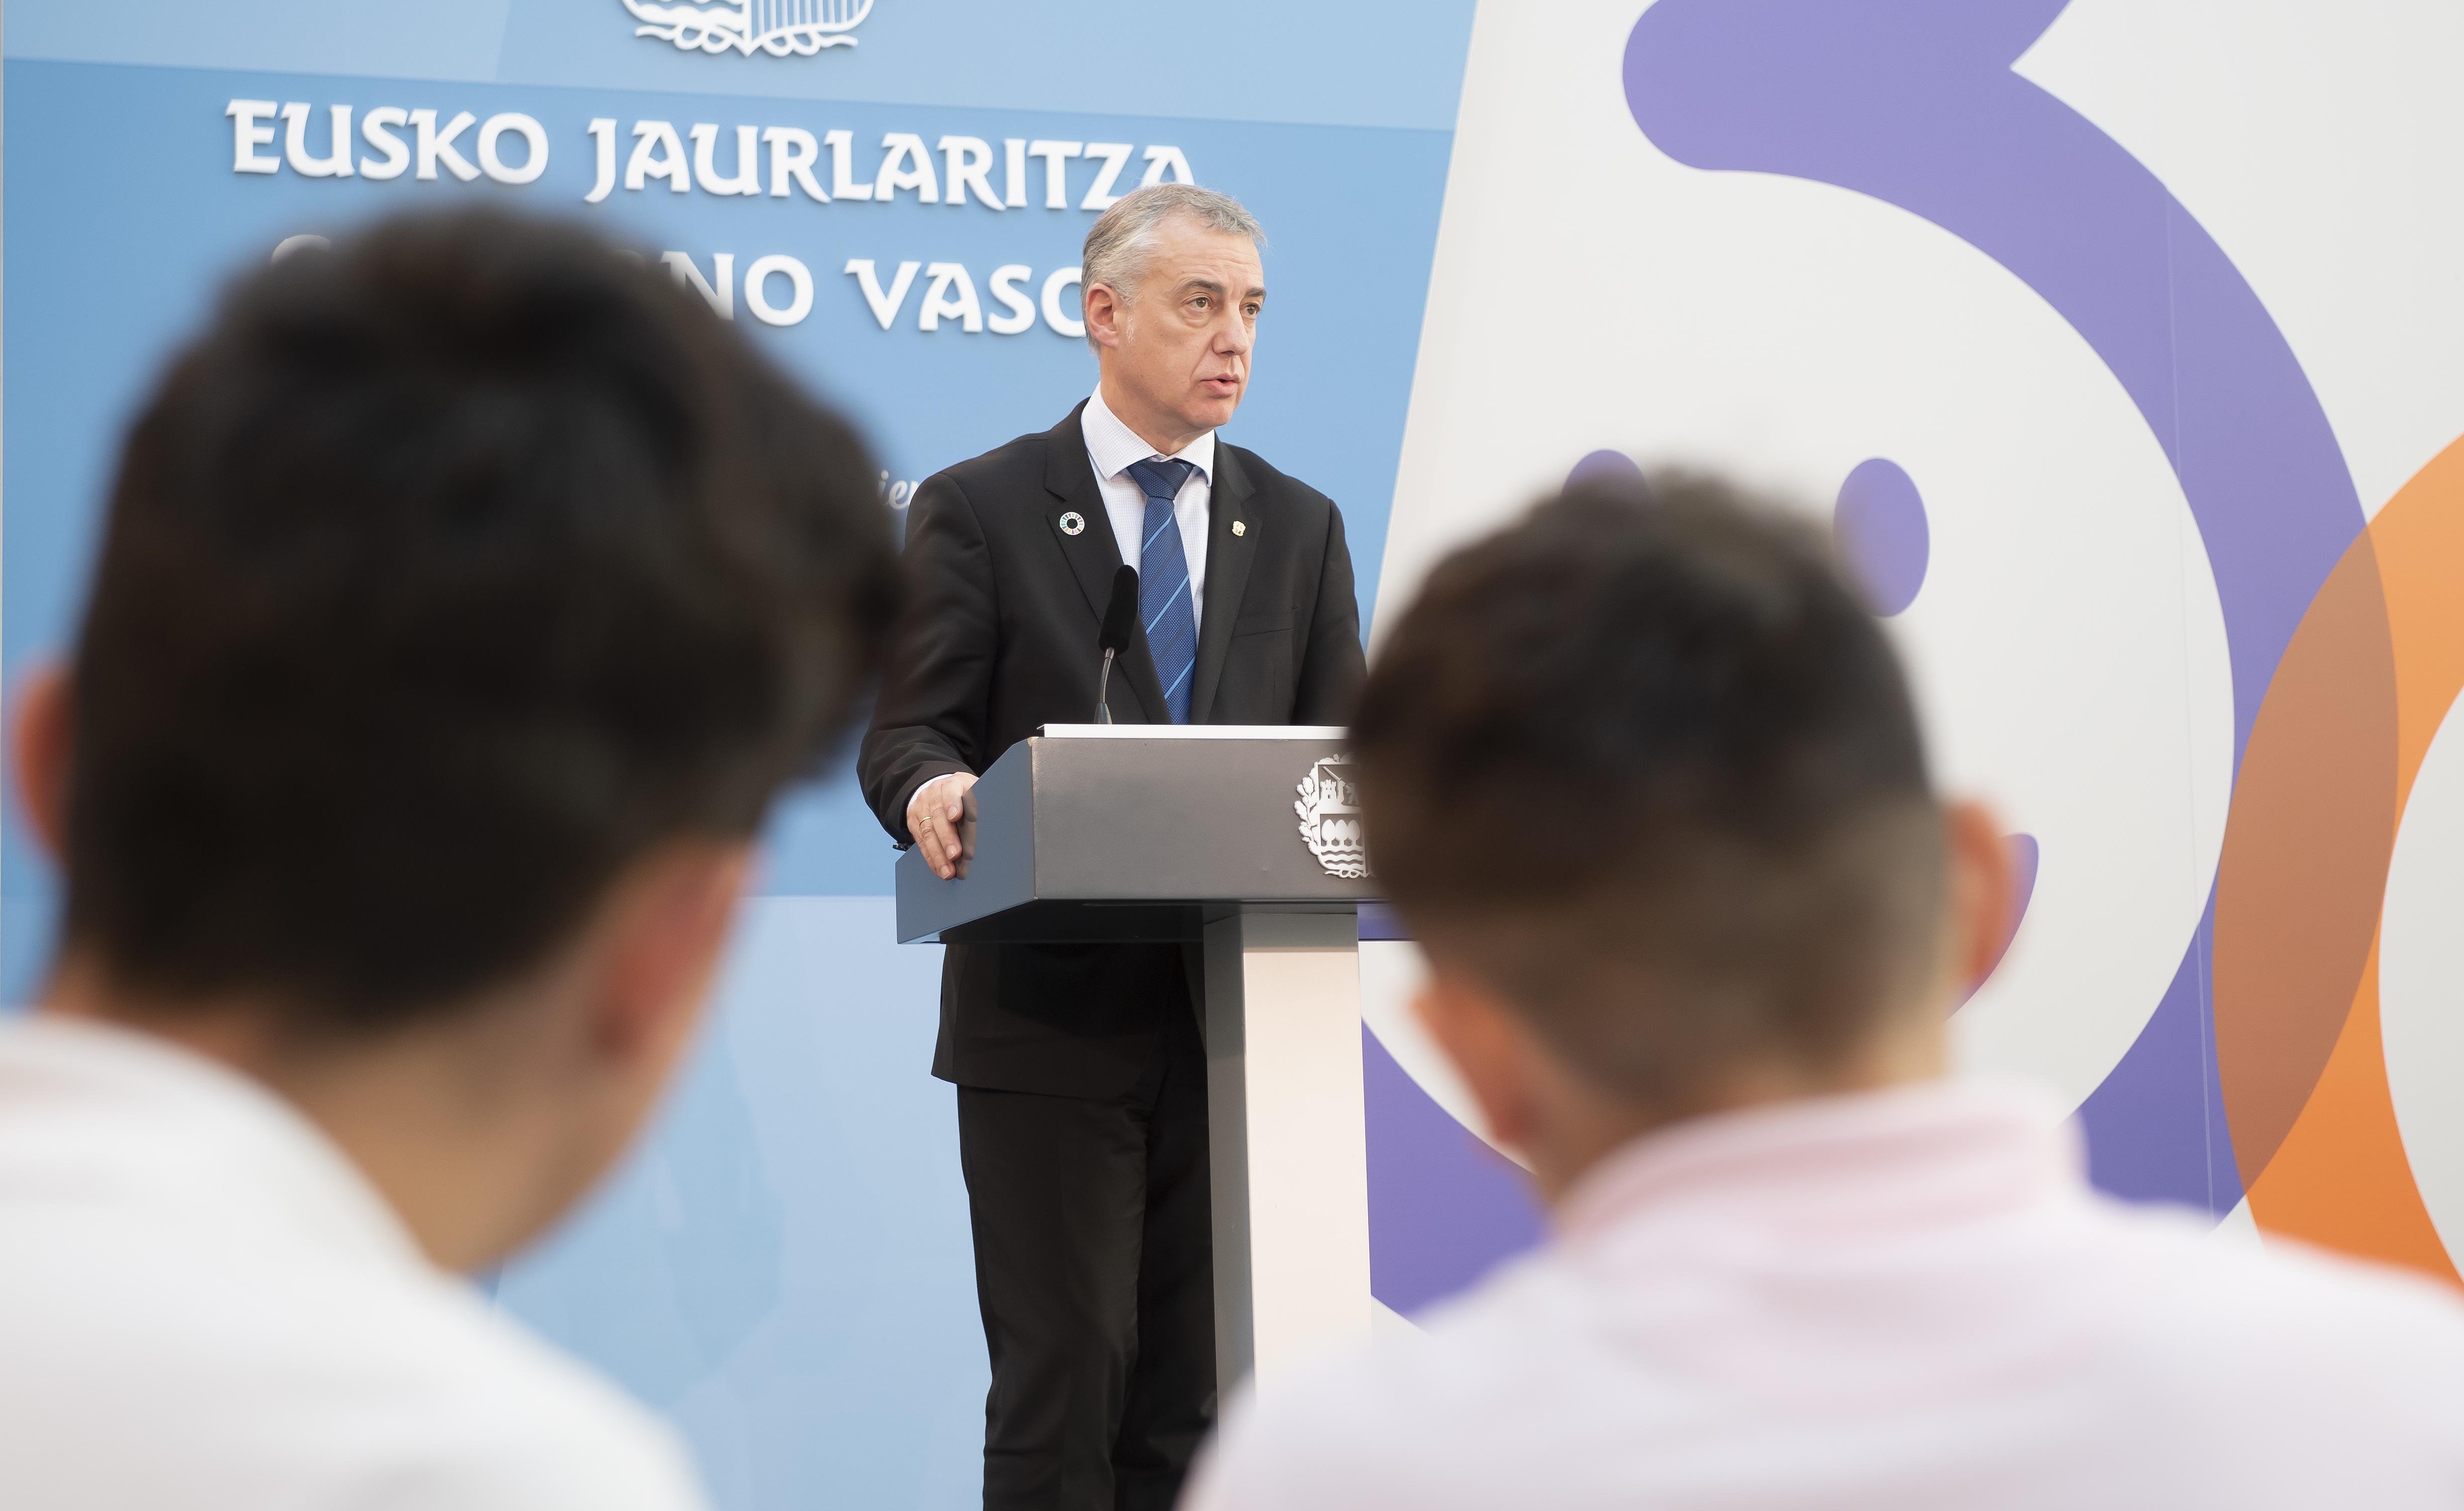 """Iñigo Urkullu propone """"más cercanía, consenso y compromiso como base del legado que la sociedad vasca ha de trasladar a sus niñas y niños"""""""